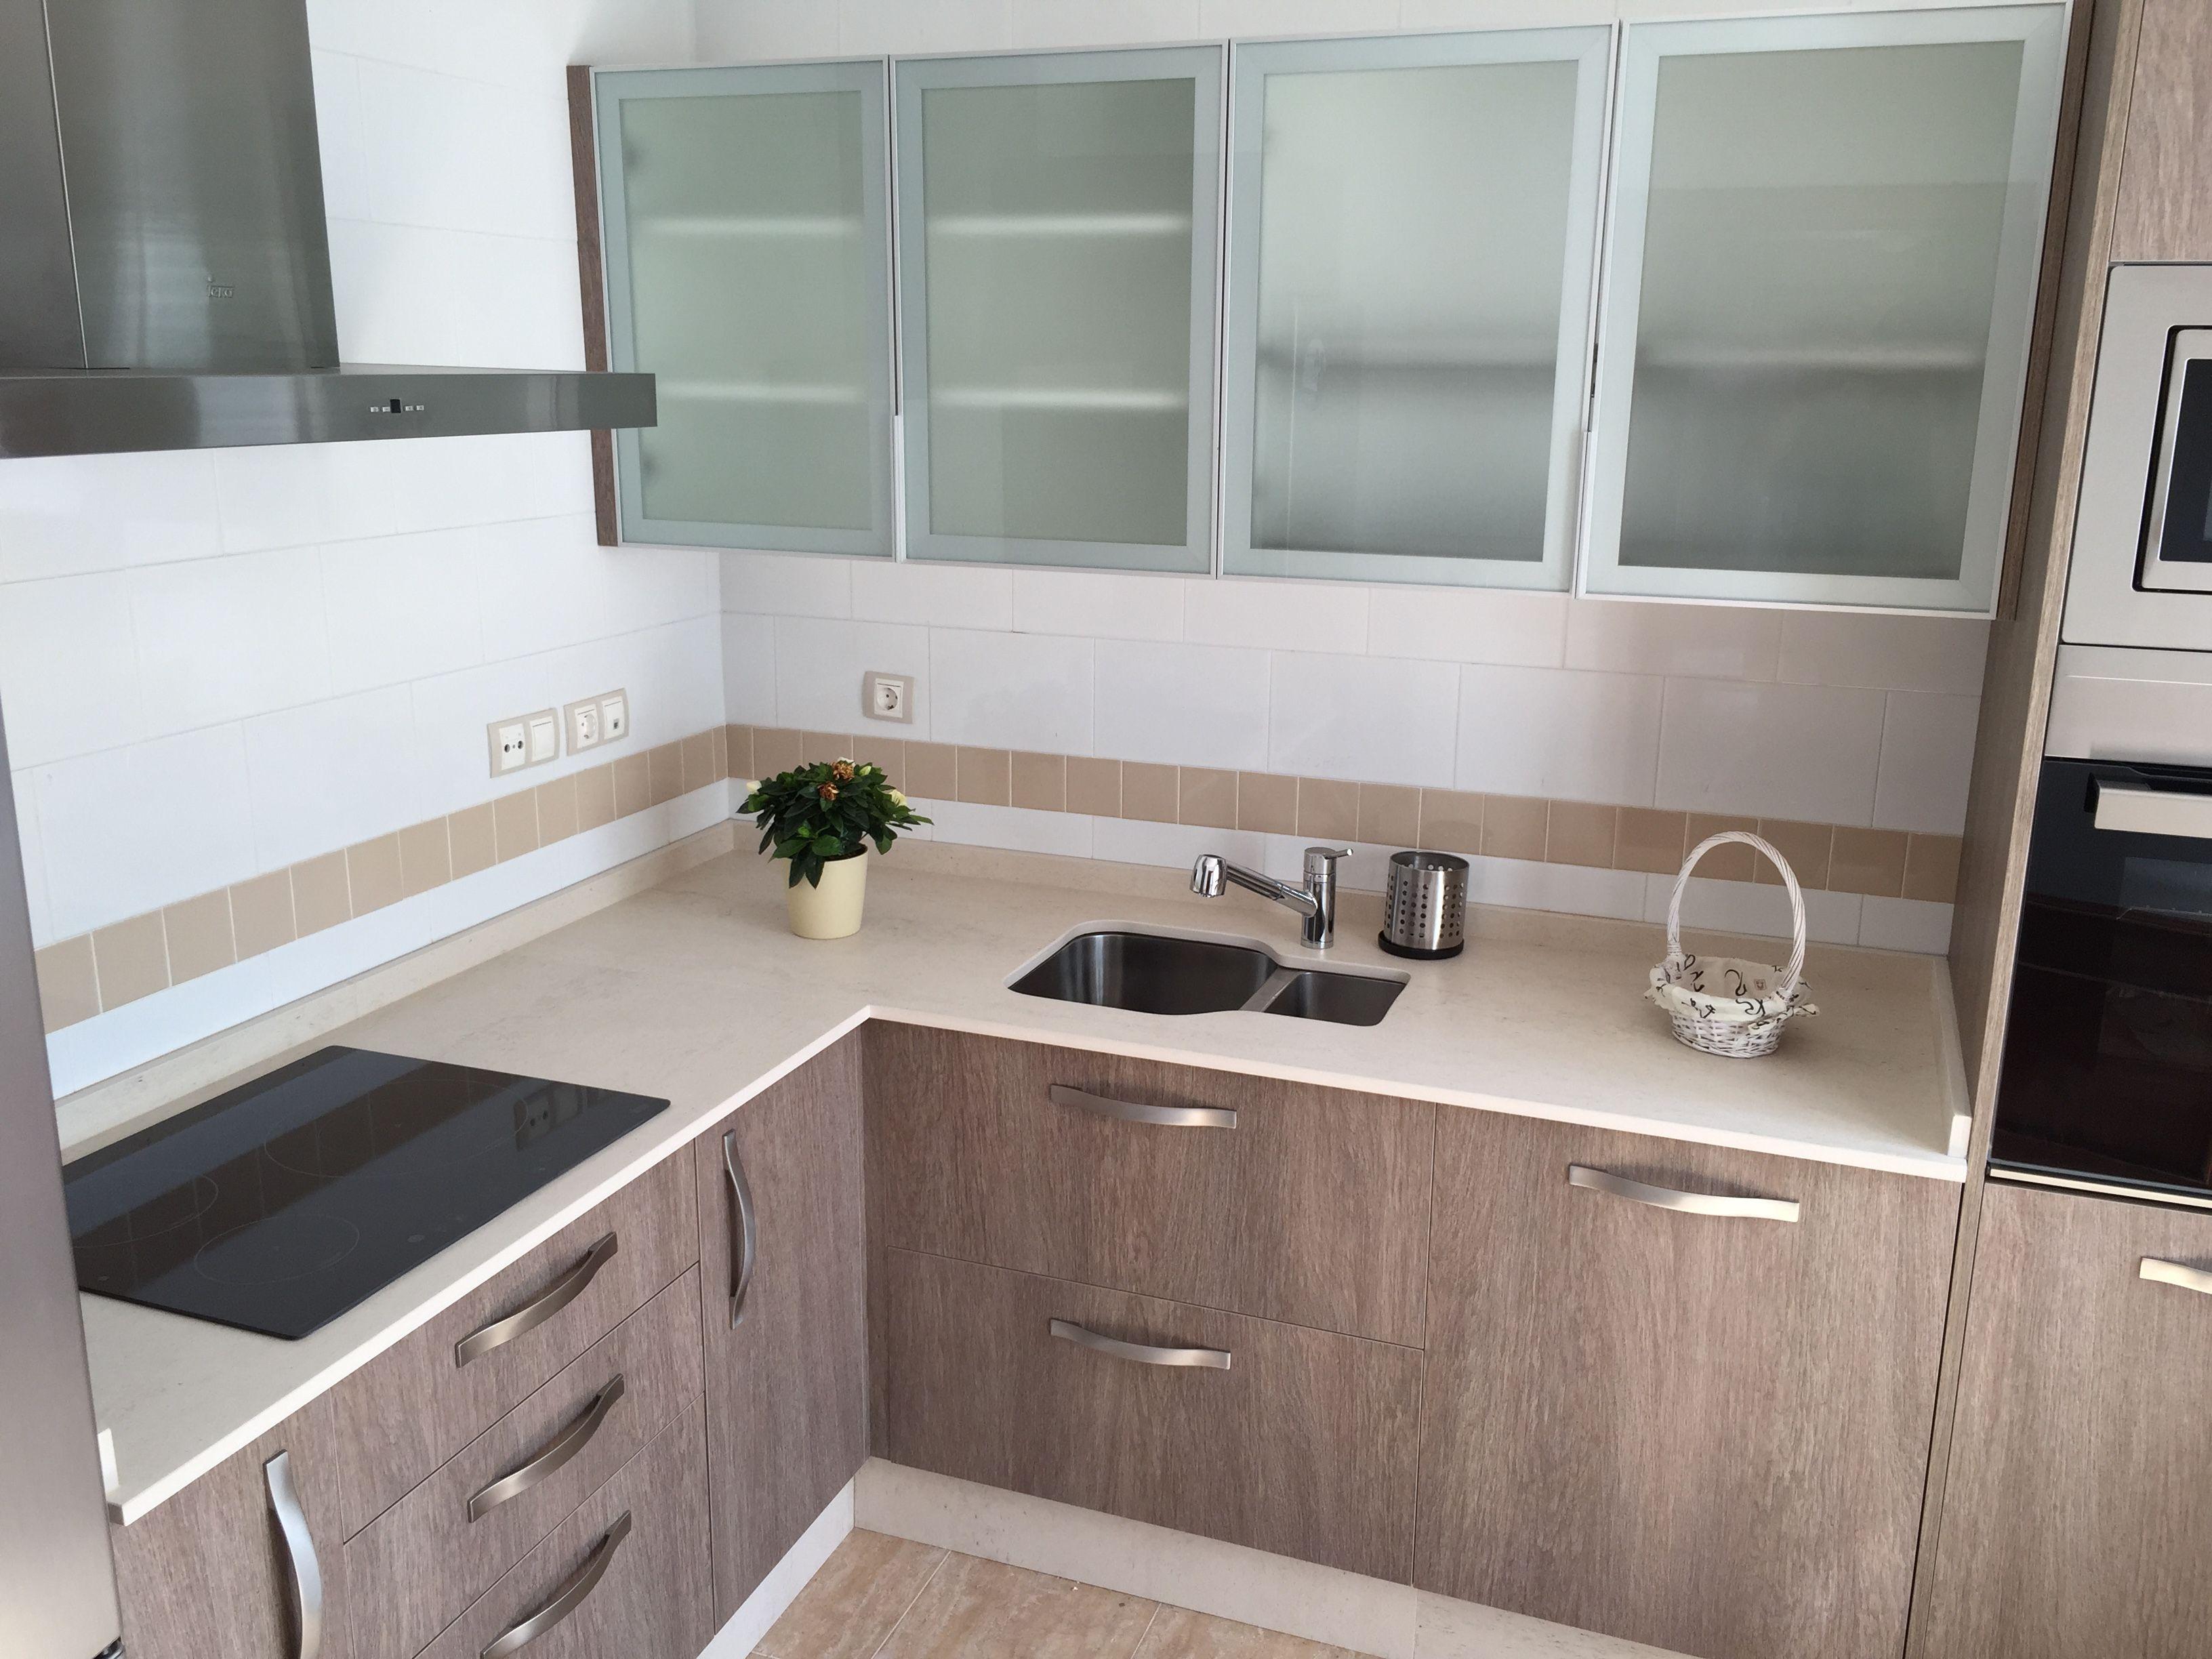 Cocina de muebles laminados y encimera dekton fabricaci n - Muebles laminados ...